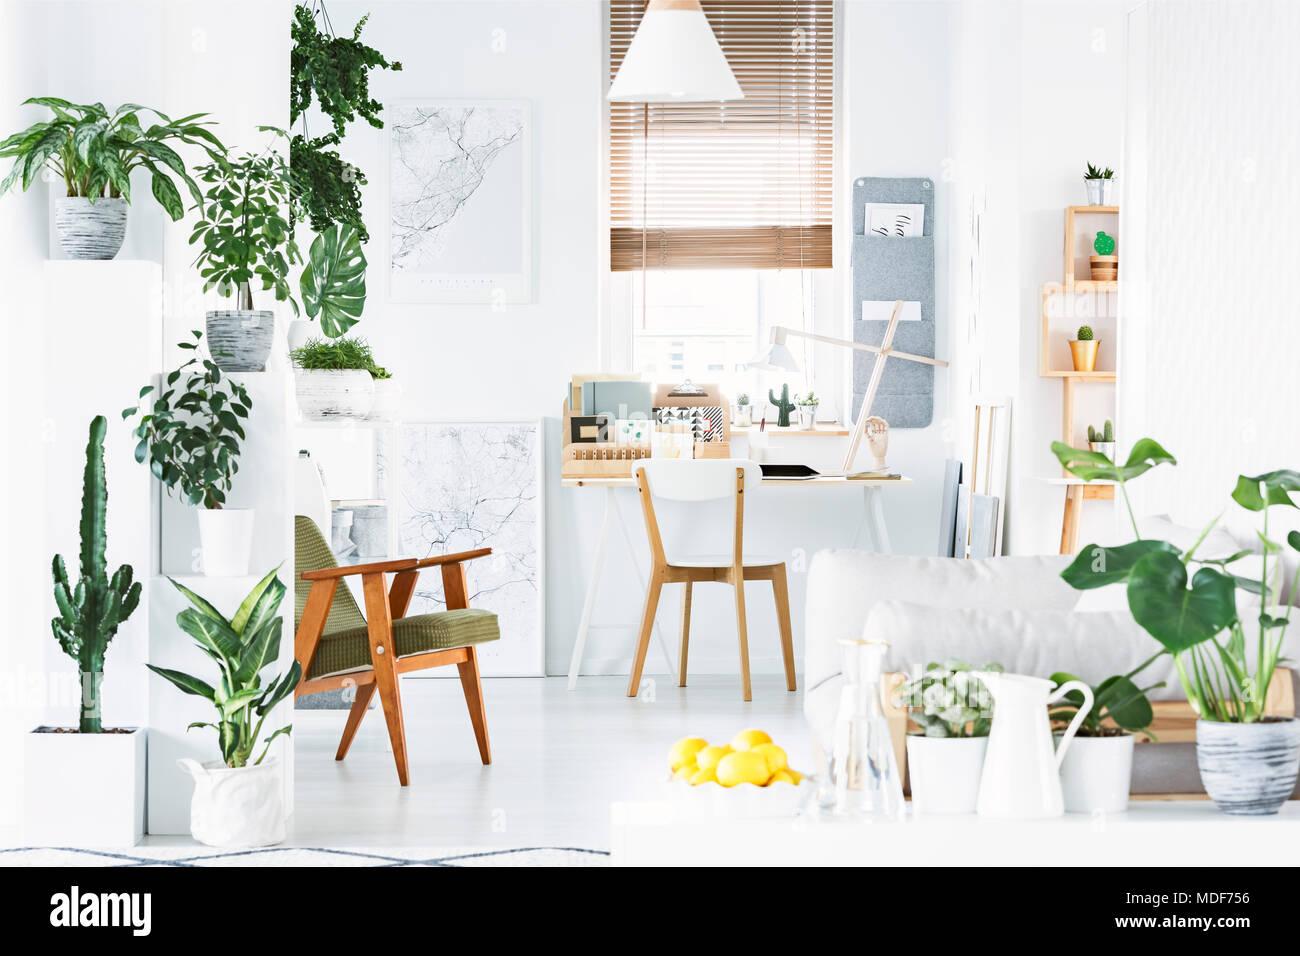 Oficina en casa botánico interior con paredes blancas, silla de madera y los limones en un tazón Imagen De Stock